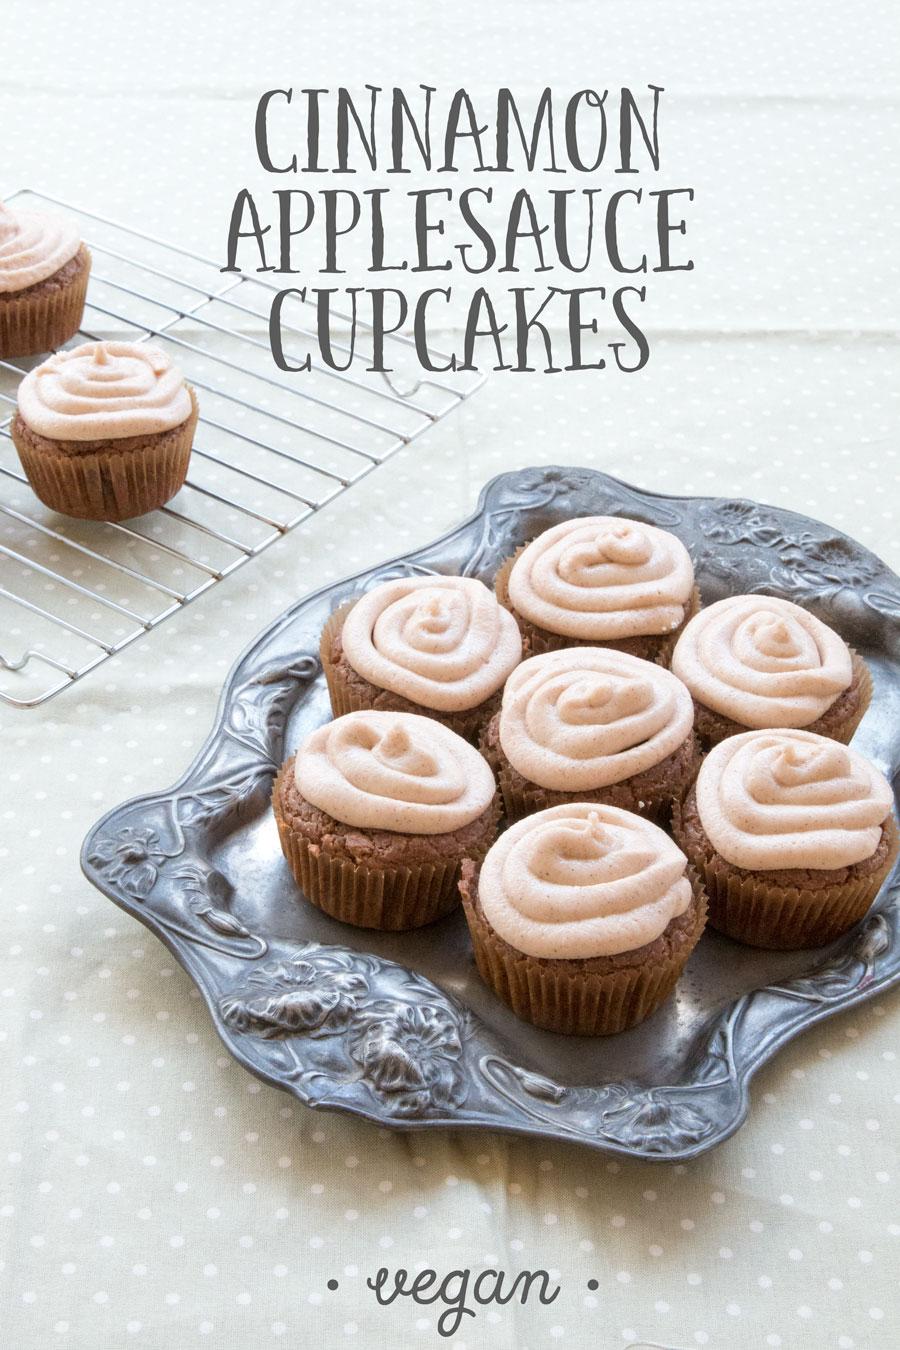 rtdbrowning-applesauce-cupcakes-01